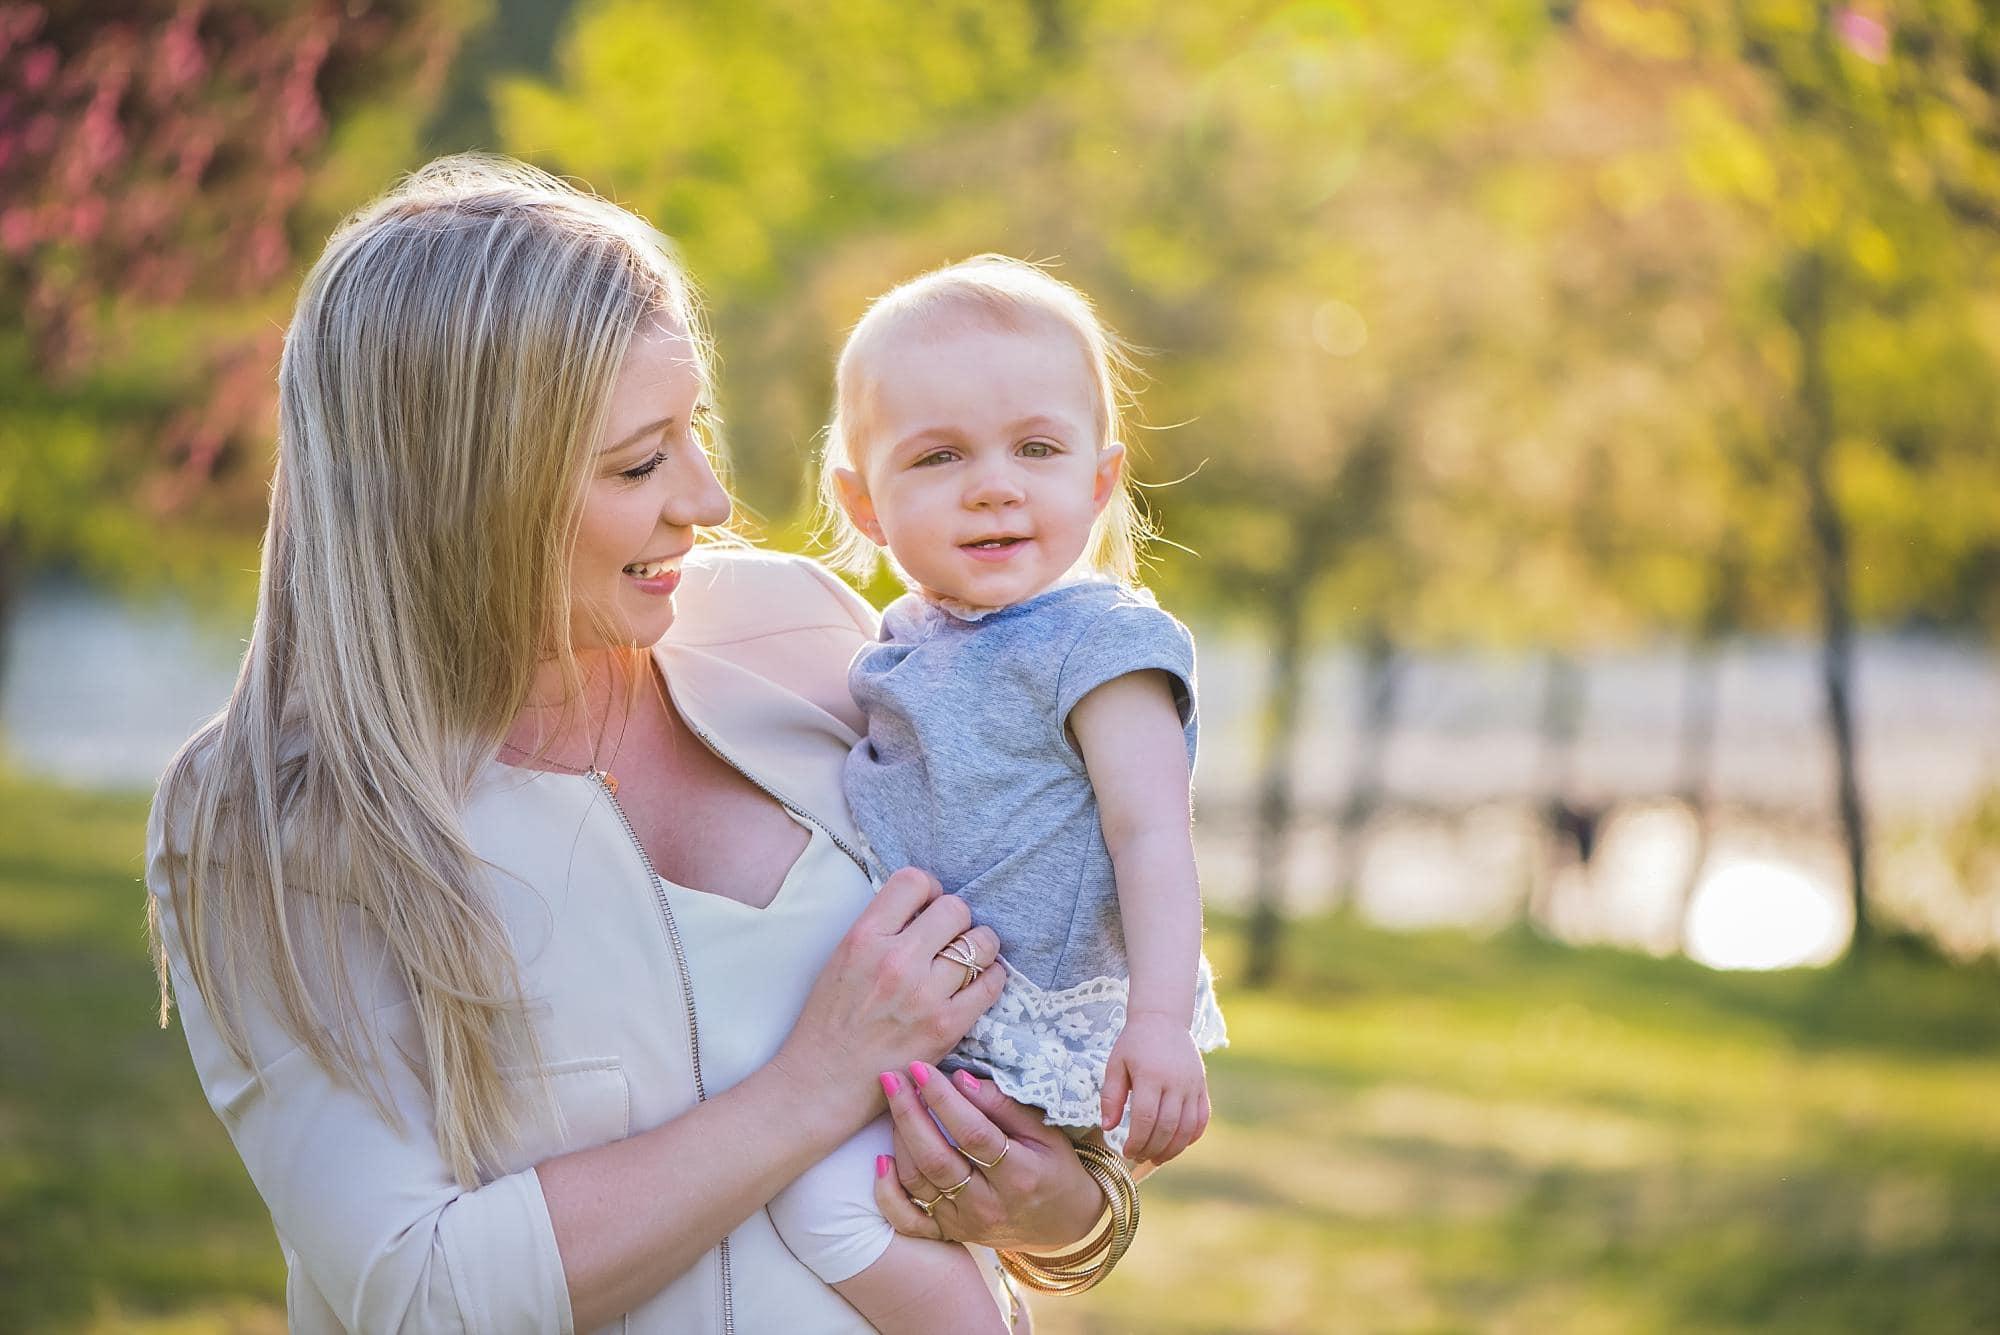 Mom holding little girl outside